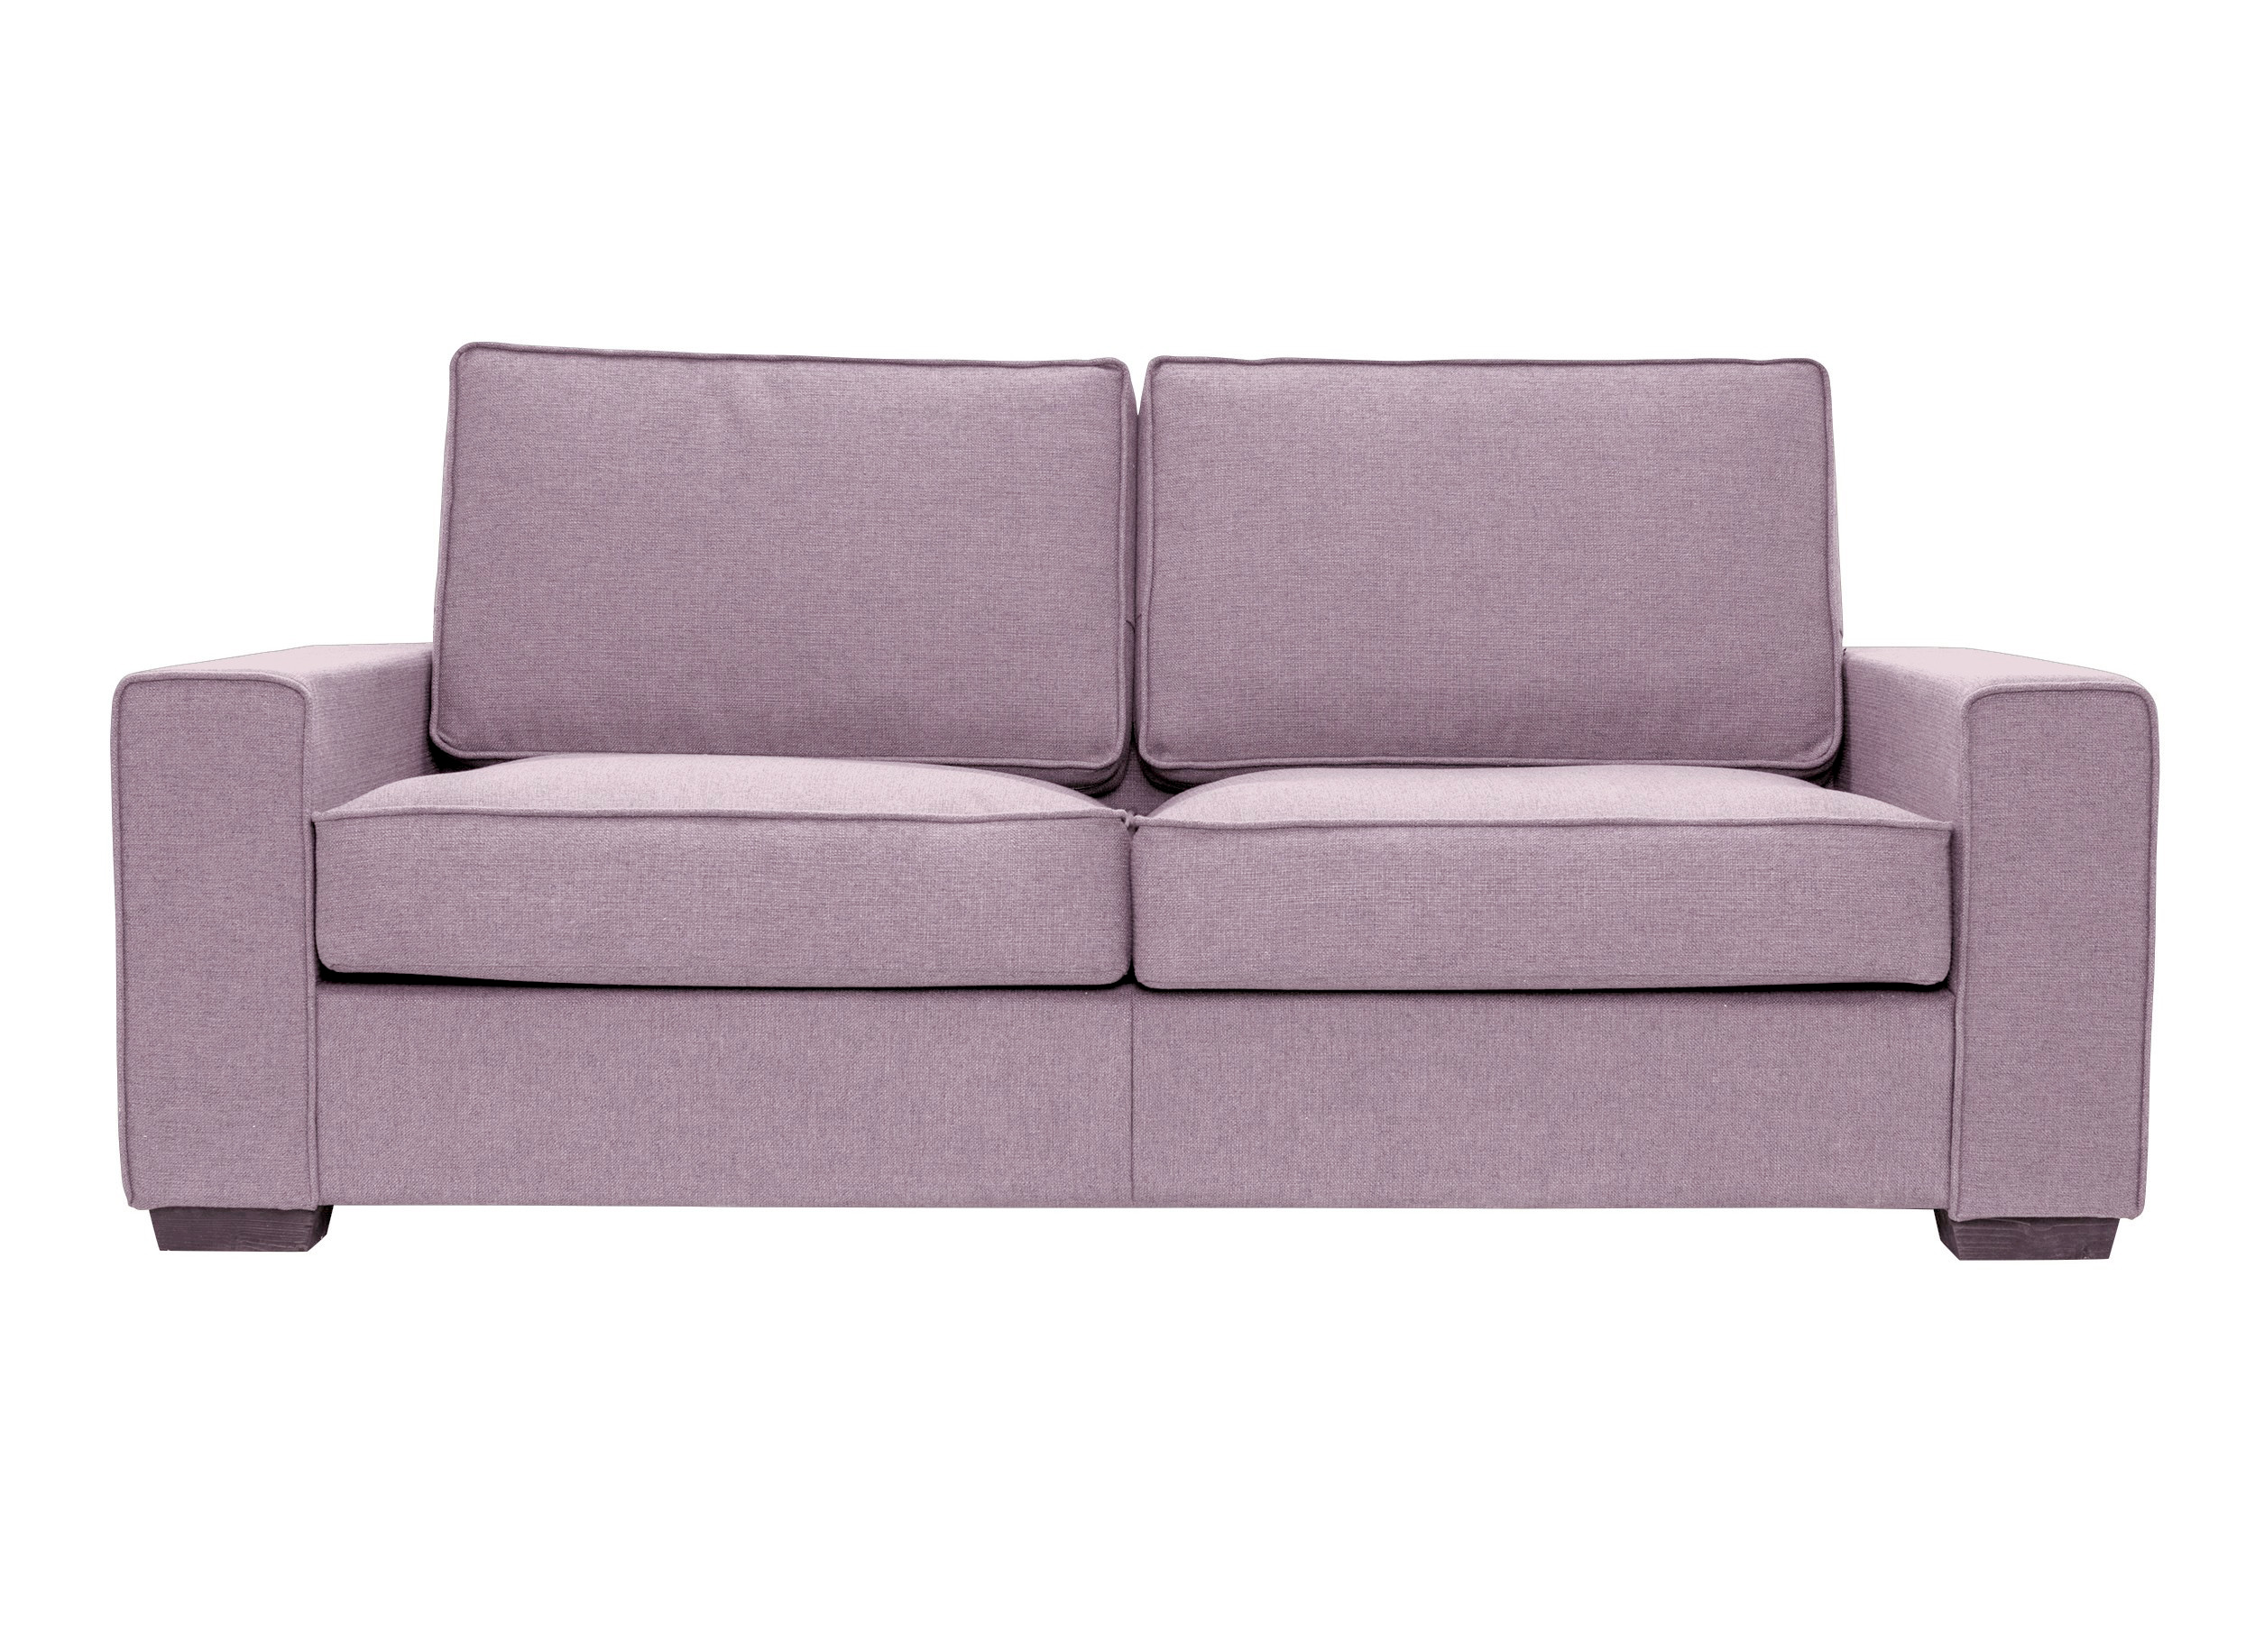 Диван-кровать HallstattПрямые раскладные диваны<br>&amp;lt;div&amp;gt;Этот диван не случайно назван в честь красивейшего из альпийских курортов. Hallstatt -- удобный, надежный и очень европейский. На этом диване можно по-настоящему расслабиться: глубокая посадка и широкие подушки обеспечат прекрасную поддержку спины. Благодаря строгой геометрии линий он будет отлично смотреться &amp;amp;nbsp;в интерьере современной гостиной или в просторном лофте. А для небольшой квартиры Hallstatt может стать основным спальным местом: дополните диван раскладным механизмом 2С и получится удобная двухместная кровать.&amp;amp;nbsp;&amp;lt;/div&amp;gt;&amp;lt;div&amp;gt;&amp;lt;br&amp;gt;&amp;lt;/div&amp;gt;&amp;lt;div&amp;gt;Специально для этой серии мы подобрали палитру из &amp;amp;nbsp;9 &amp;amp;nbsp;стильных оттенков рогожки.&amp;amp;nbsp;&amp;lt;/div&amp;gt;&amp;lt;div&amp;gt;&amp;lt;br&amp;gt;&amp;lt;/div&amp;gt;&amp;lt;div&amp;gt;Размеры спального места: 200х120, 200х140, 200х160 см&amp;lt;/div&amp;gt;&amp;lt;div&amp;gt;Материал корпуса: фанера, брус&amp;lt;/div&amp;gt;&amp;lt;div&amp;gt;Материал обивки: рогожка, 40000 циклов&amp;lt;/div&amp;gt;&amp;lt;div&amp;gt;Дополнительные опции: ящик - &amp;amp;nbsp;3960р, ножки (дерево или хром) - 2141р.&amp;lt;/div&amp;gt;&amp;lt;div&amp;gt;&amp;lt;br&amp;gt;&amp;lt;/div&amp;gt;&amp;lt;div&amp;gt;Варианты раскладного механизма: 2С (на каждый день) или французская раскладушка (гостевой вариант)&amp;lt;/div&amp;gt;<br><br>Material: Текстиль<br>Ширина см: 200<br>Высота см: 80<br>Глубина см: 82